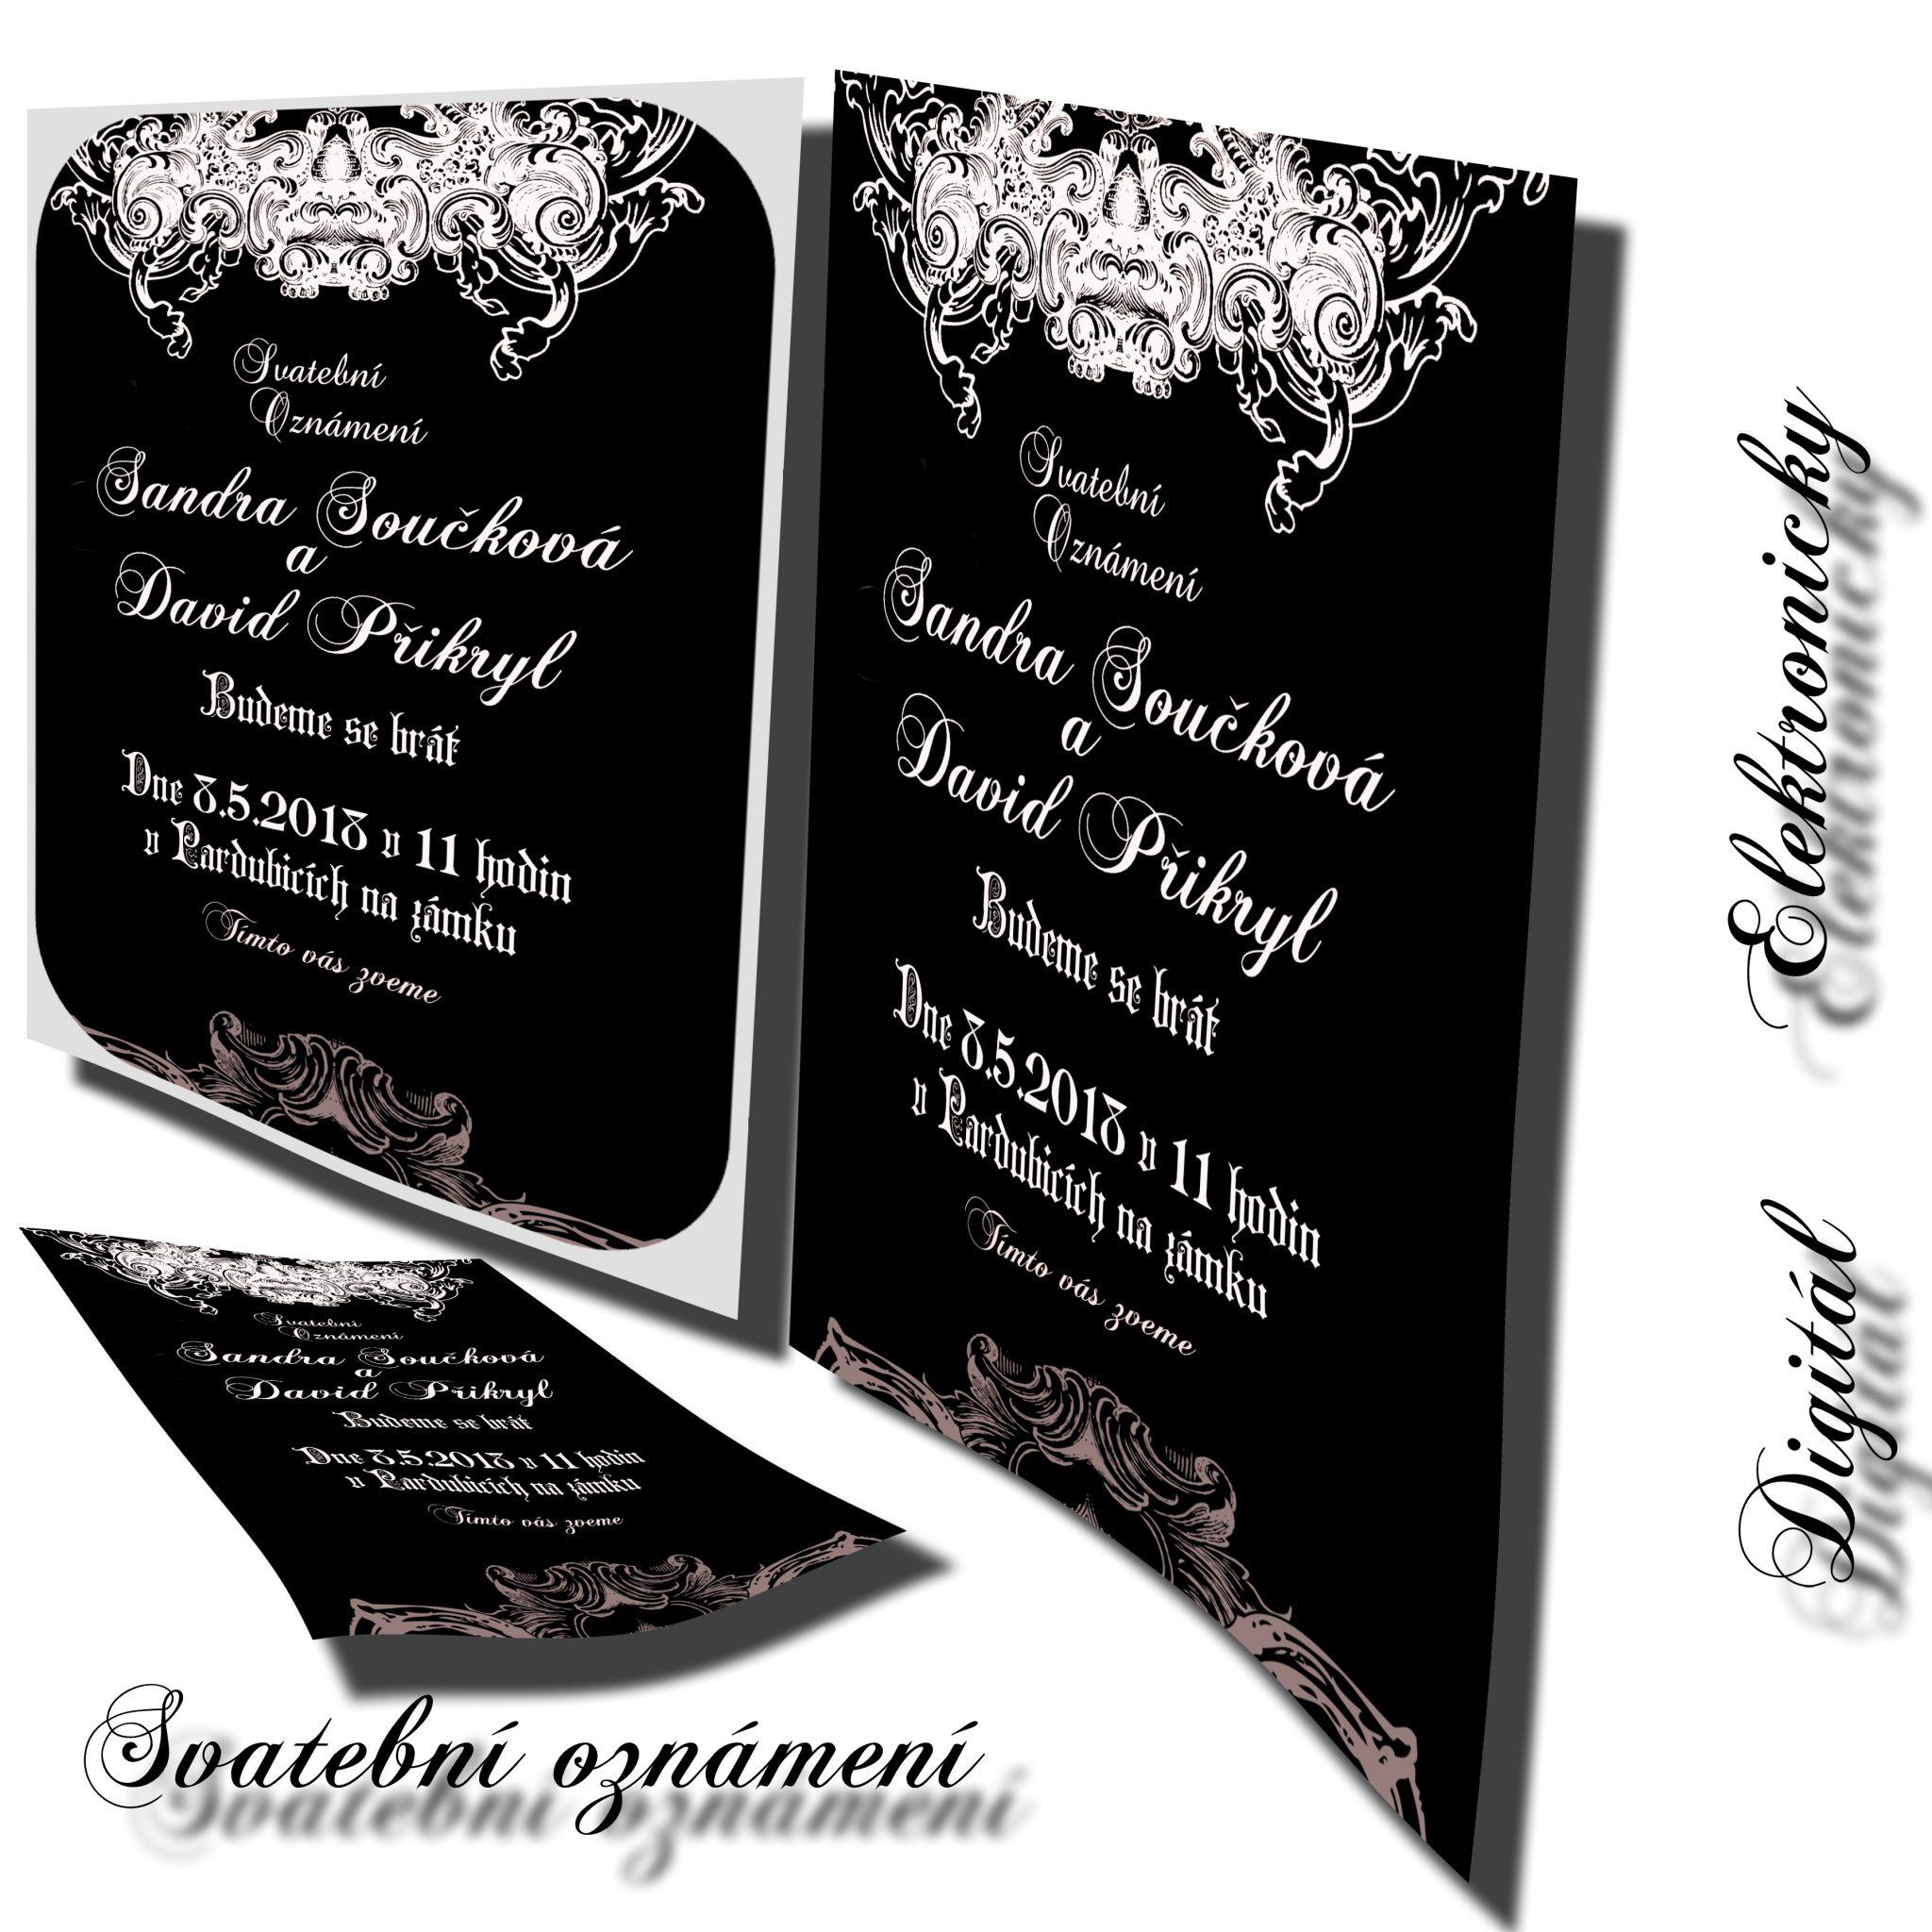 Novinka elektronické svatební pozvánky s jakýmkoliv designem